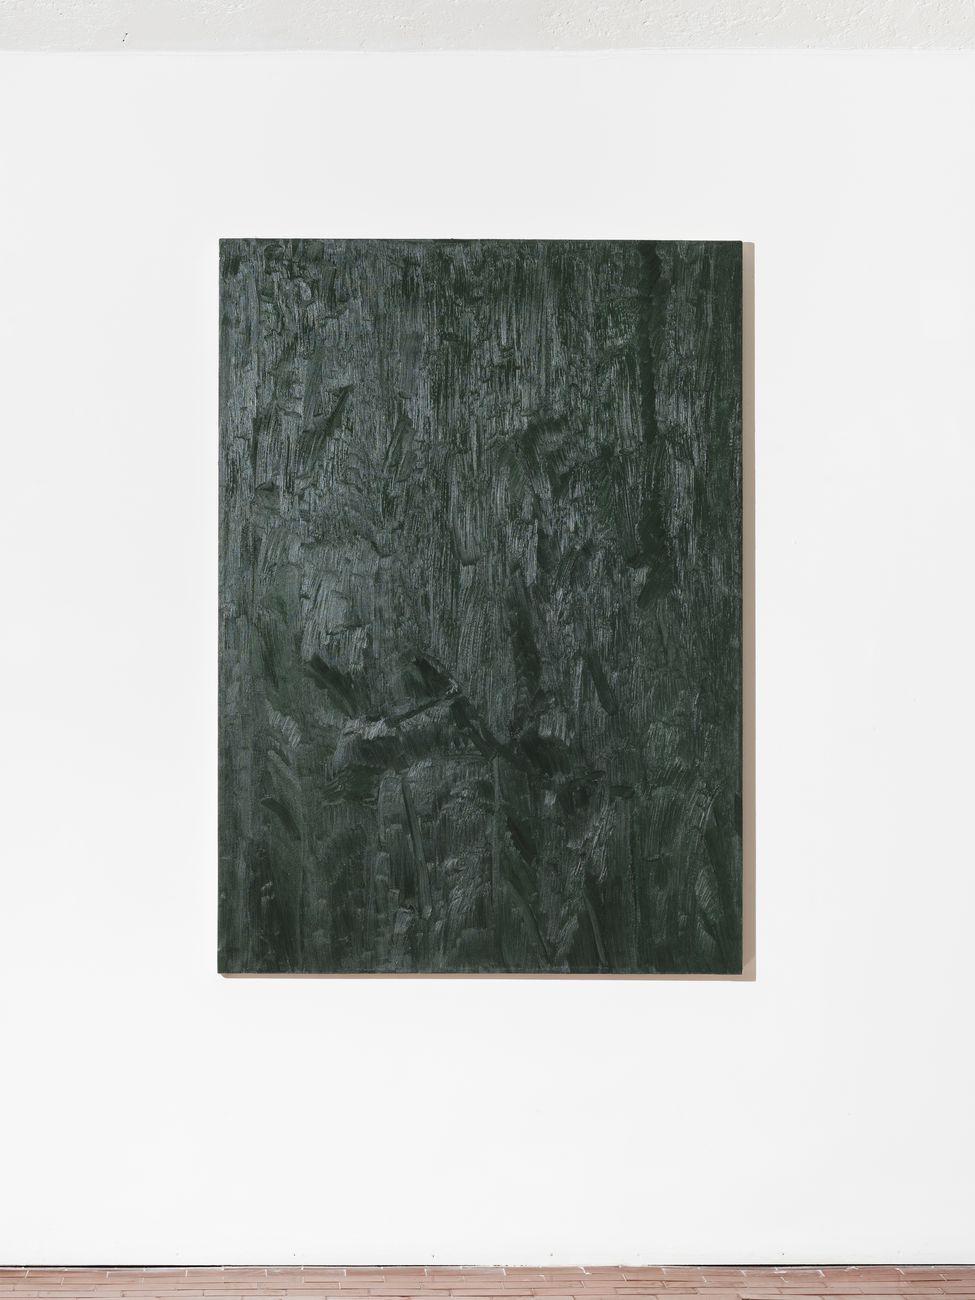 Lorenzo Di Lucido, Late, 2017, olio su tela, 140x100 cm. Courtesy Cosimi Filippini